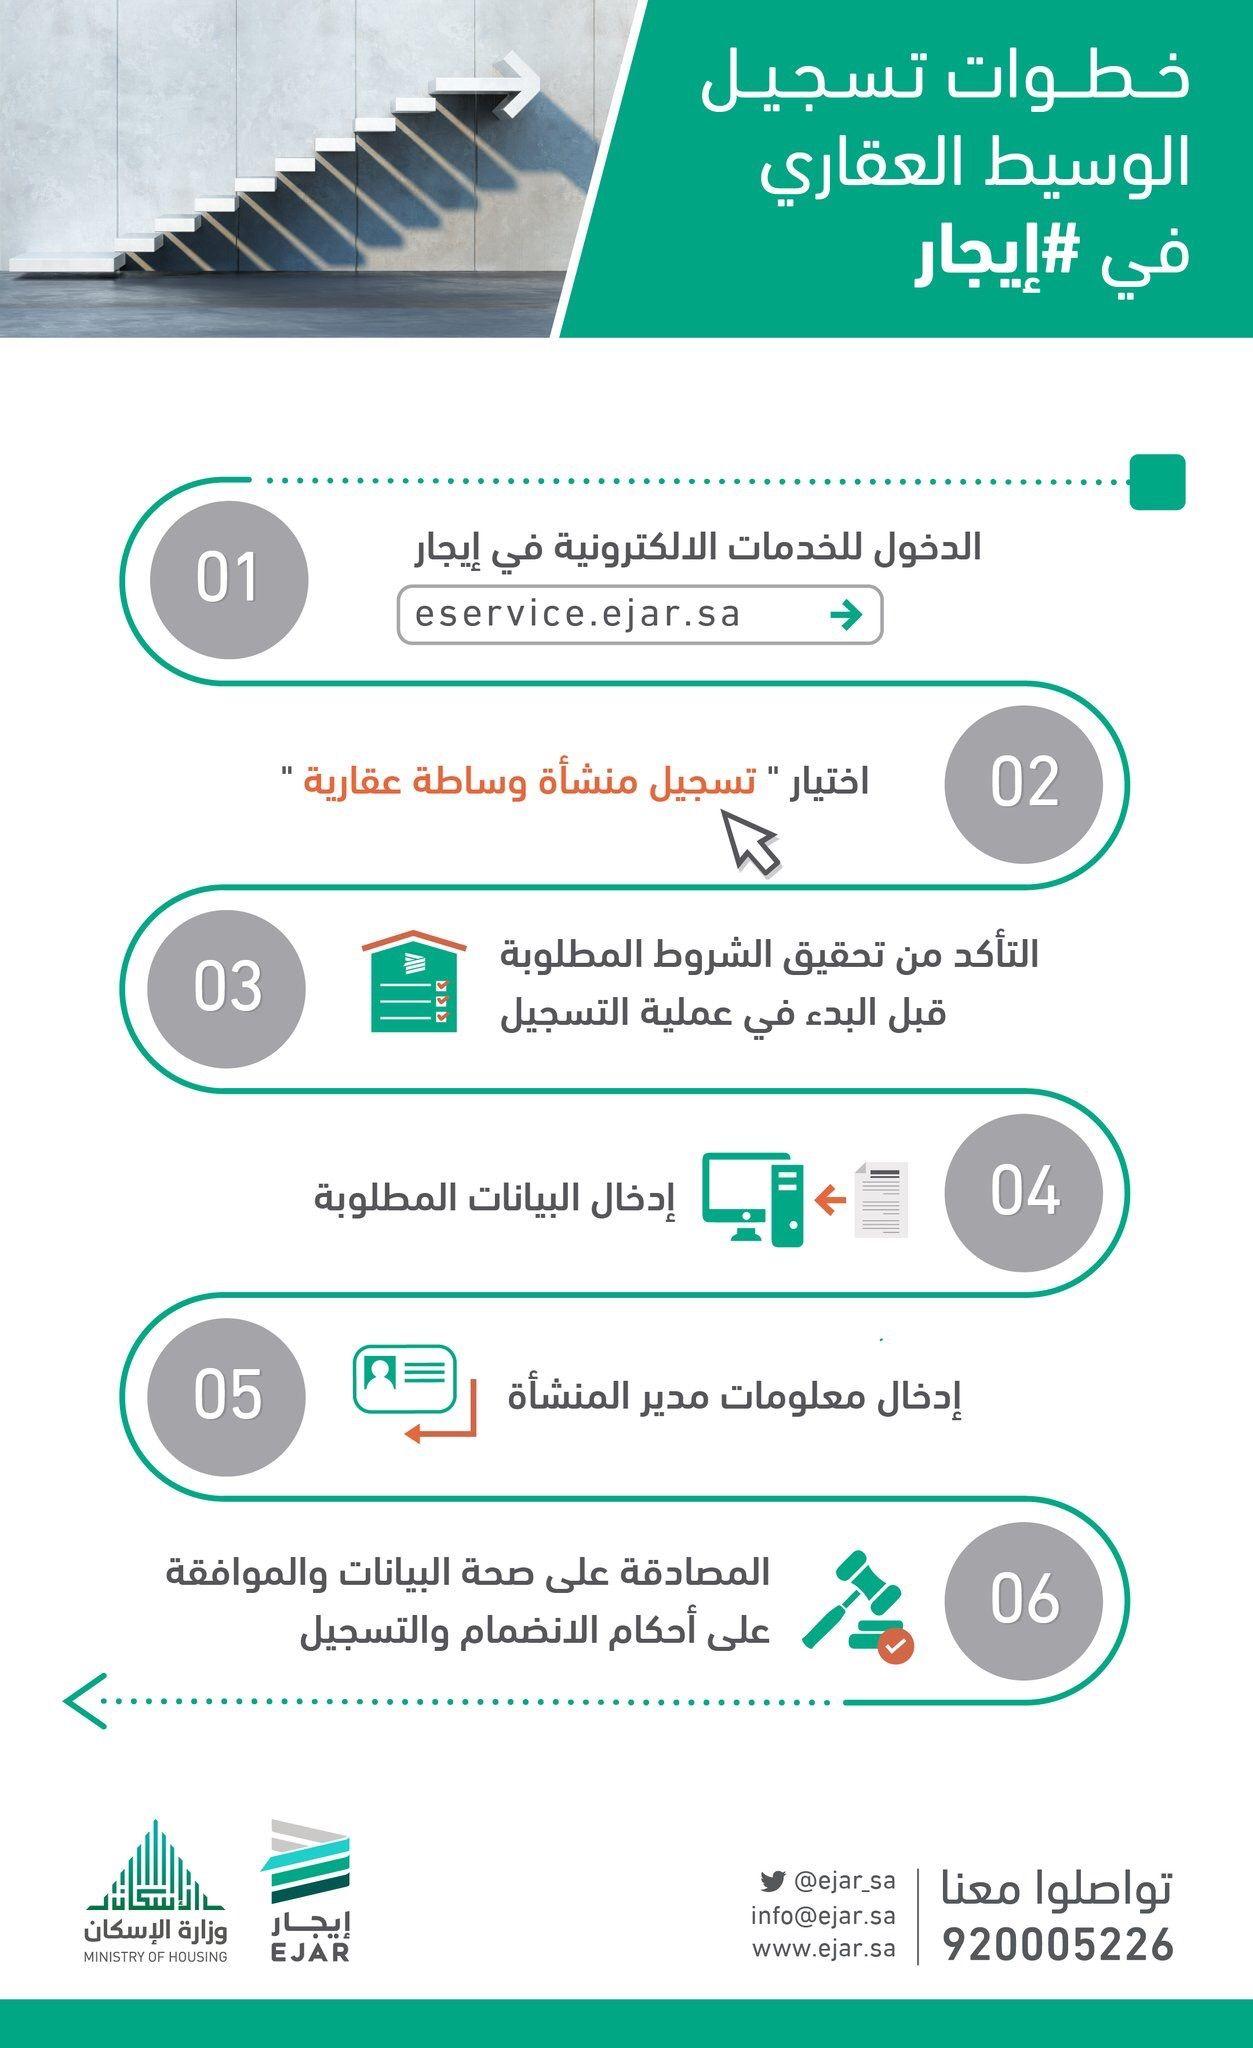 إيجار On Twitter يتطلب اعتماد الوسيط العقاري التسجيل في شبكة إيجار حسب الخطوات التالية